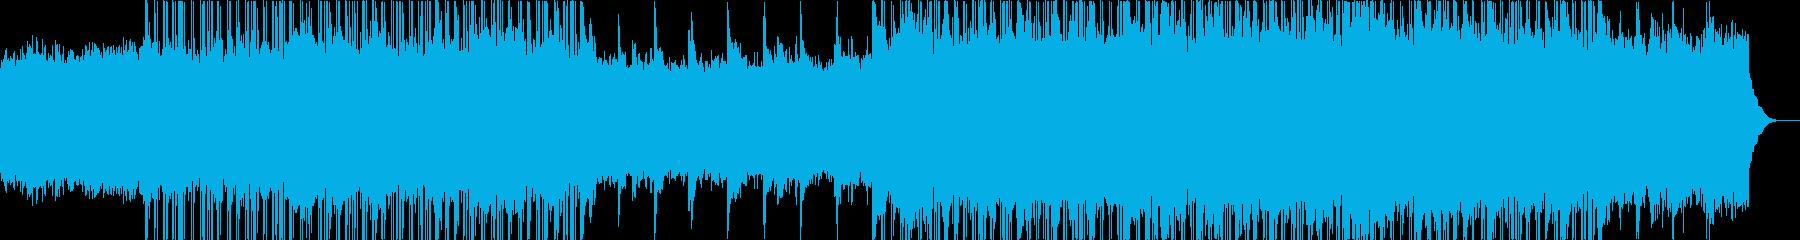 雄大なチルアウトミュージック。の再生済みの波形